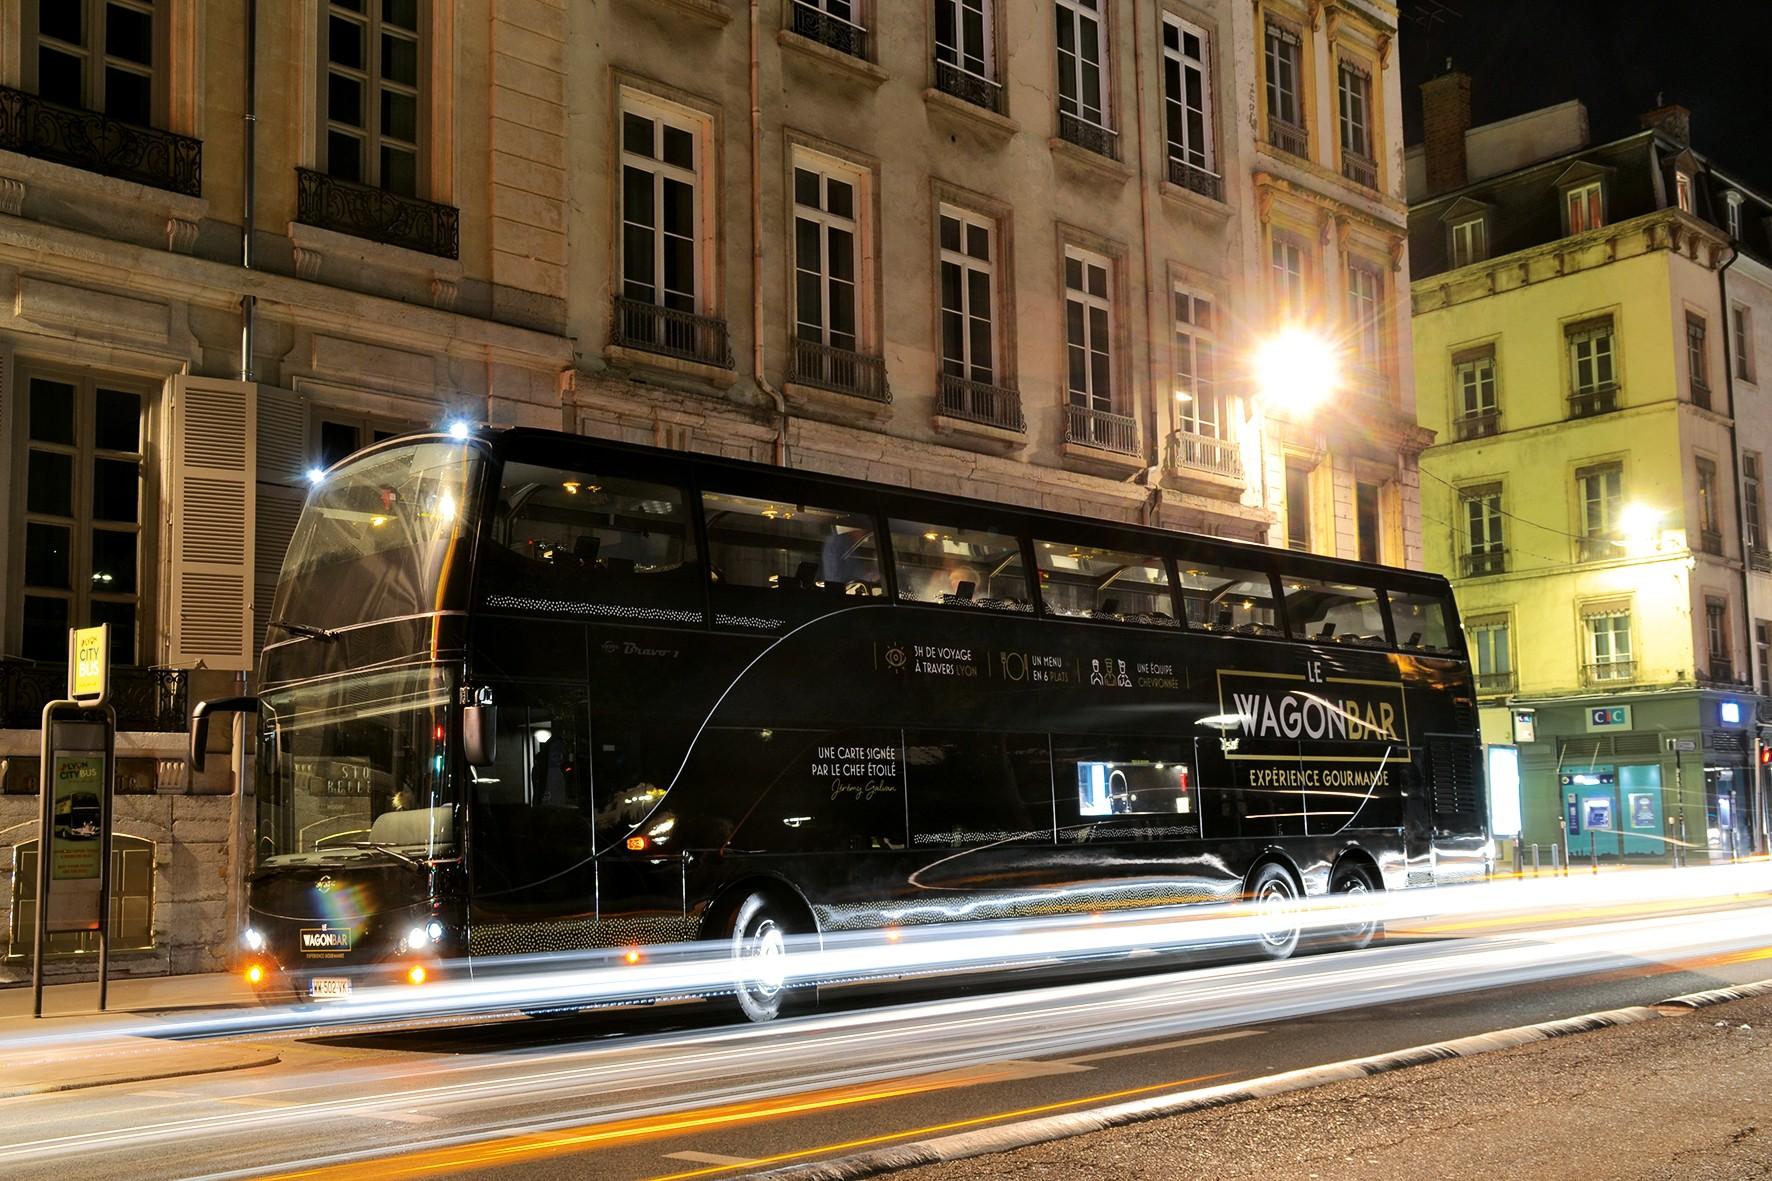 Le Wagon Bar - Test du bus restaurant de Lyon 13